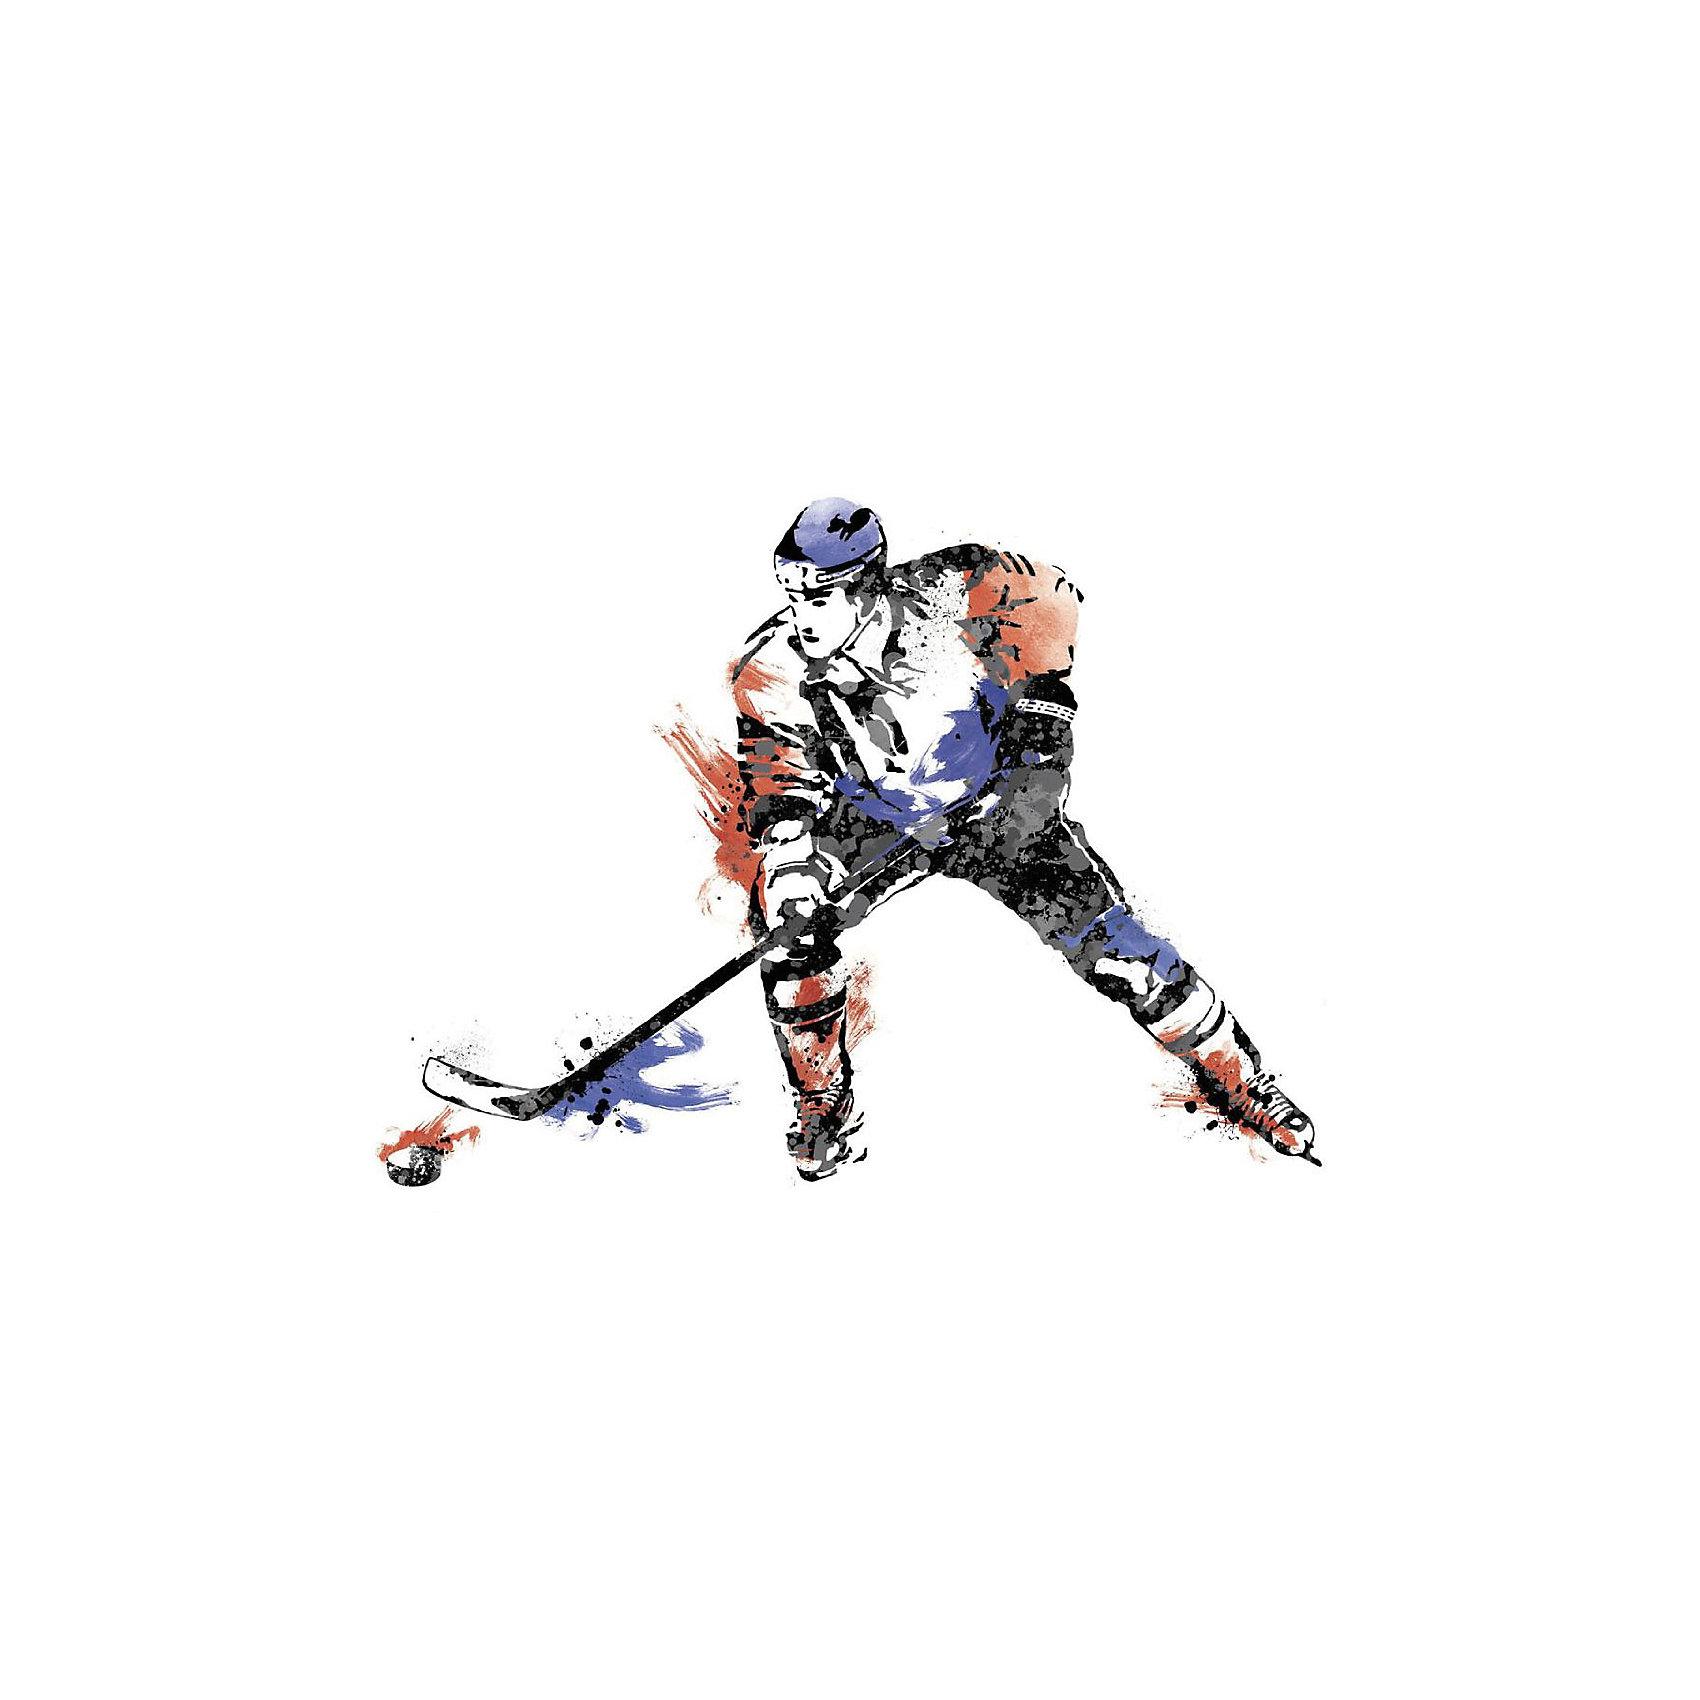 Наклейки для декора Чемпионат по хоккеюПредметы интерьера<br>Наклейки для декора Чемпионат по хоккею, RoomMates, замечательно подойдут для украшения Вашего интерьера, детской комнаты, спальни или мебели. В комплект входят наклейки с изображением хоккеиста, выполненные в интересном стиле, имитирующем уличную графику (всего в наборе 9 наклеек). Наклейки просты в применении и подходят для многоразового использования. Освободите выбранный рисунок от защитного слоя и приклейте на стену или любую другую плоскую гладкую поверхность. Стикеры легко отклеиваются и не оставляют липких следов на поверхности. Яркие стильные наклейки будут радовать Вашего ребенка и создавать атмосферу домашнего уюта.<br><br>Дополнительная информация:<br><br>- В комплекте: 9 наклеек.<br>- Материал: винил.<br>- Размер изображения в собранном виде: 106,7 х 80 см.<br>- Размер упаковки: 48,3 х 12,7 х 2,6 см. <br>- Вес: 0,277 кг. <br><br>Наклейки для декора Чемпионат по хоккею, RoomMates, можно купить в нашем интернет-магазине.<br><br>Ширина мм: 292<br>Глубина мм: 127<br>Высота мм: 26<br>Вес г: 141<br>Возраст от месяцев: 36<br>Возраст до месяцев: 144<br>Пол: Мужской<br>Возраст: Детский<br>SKU: 4652197